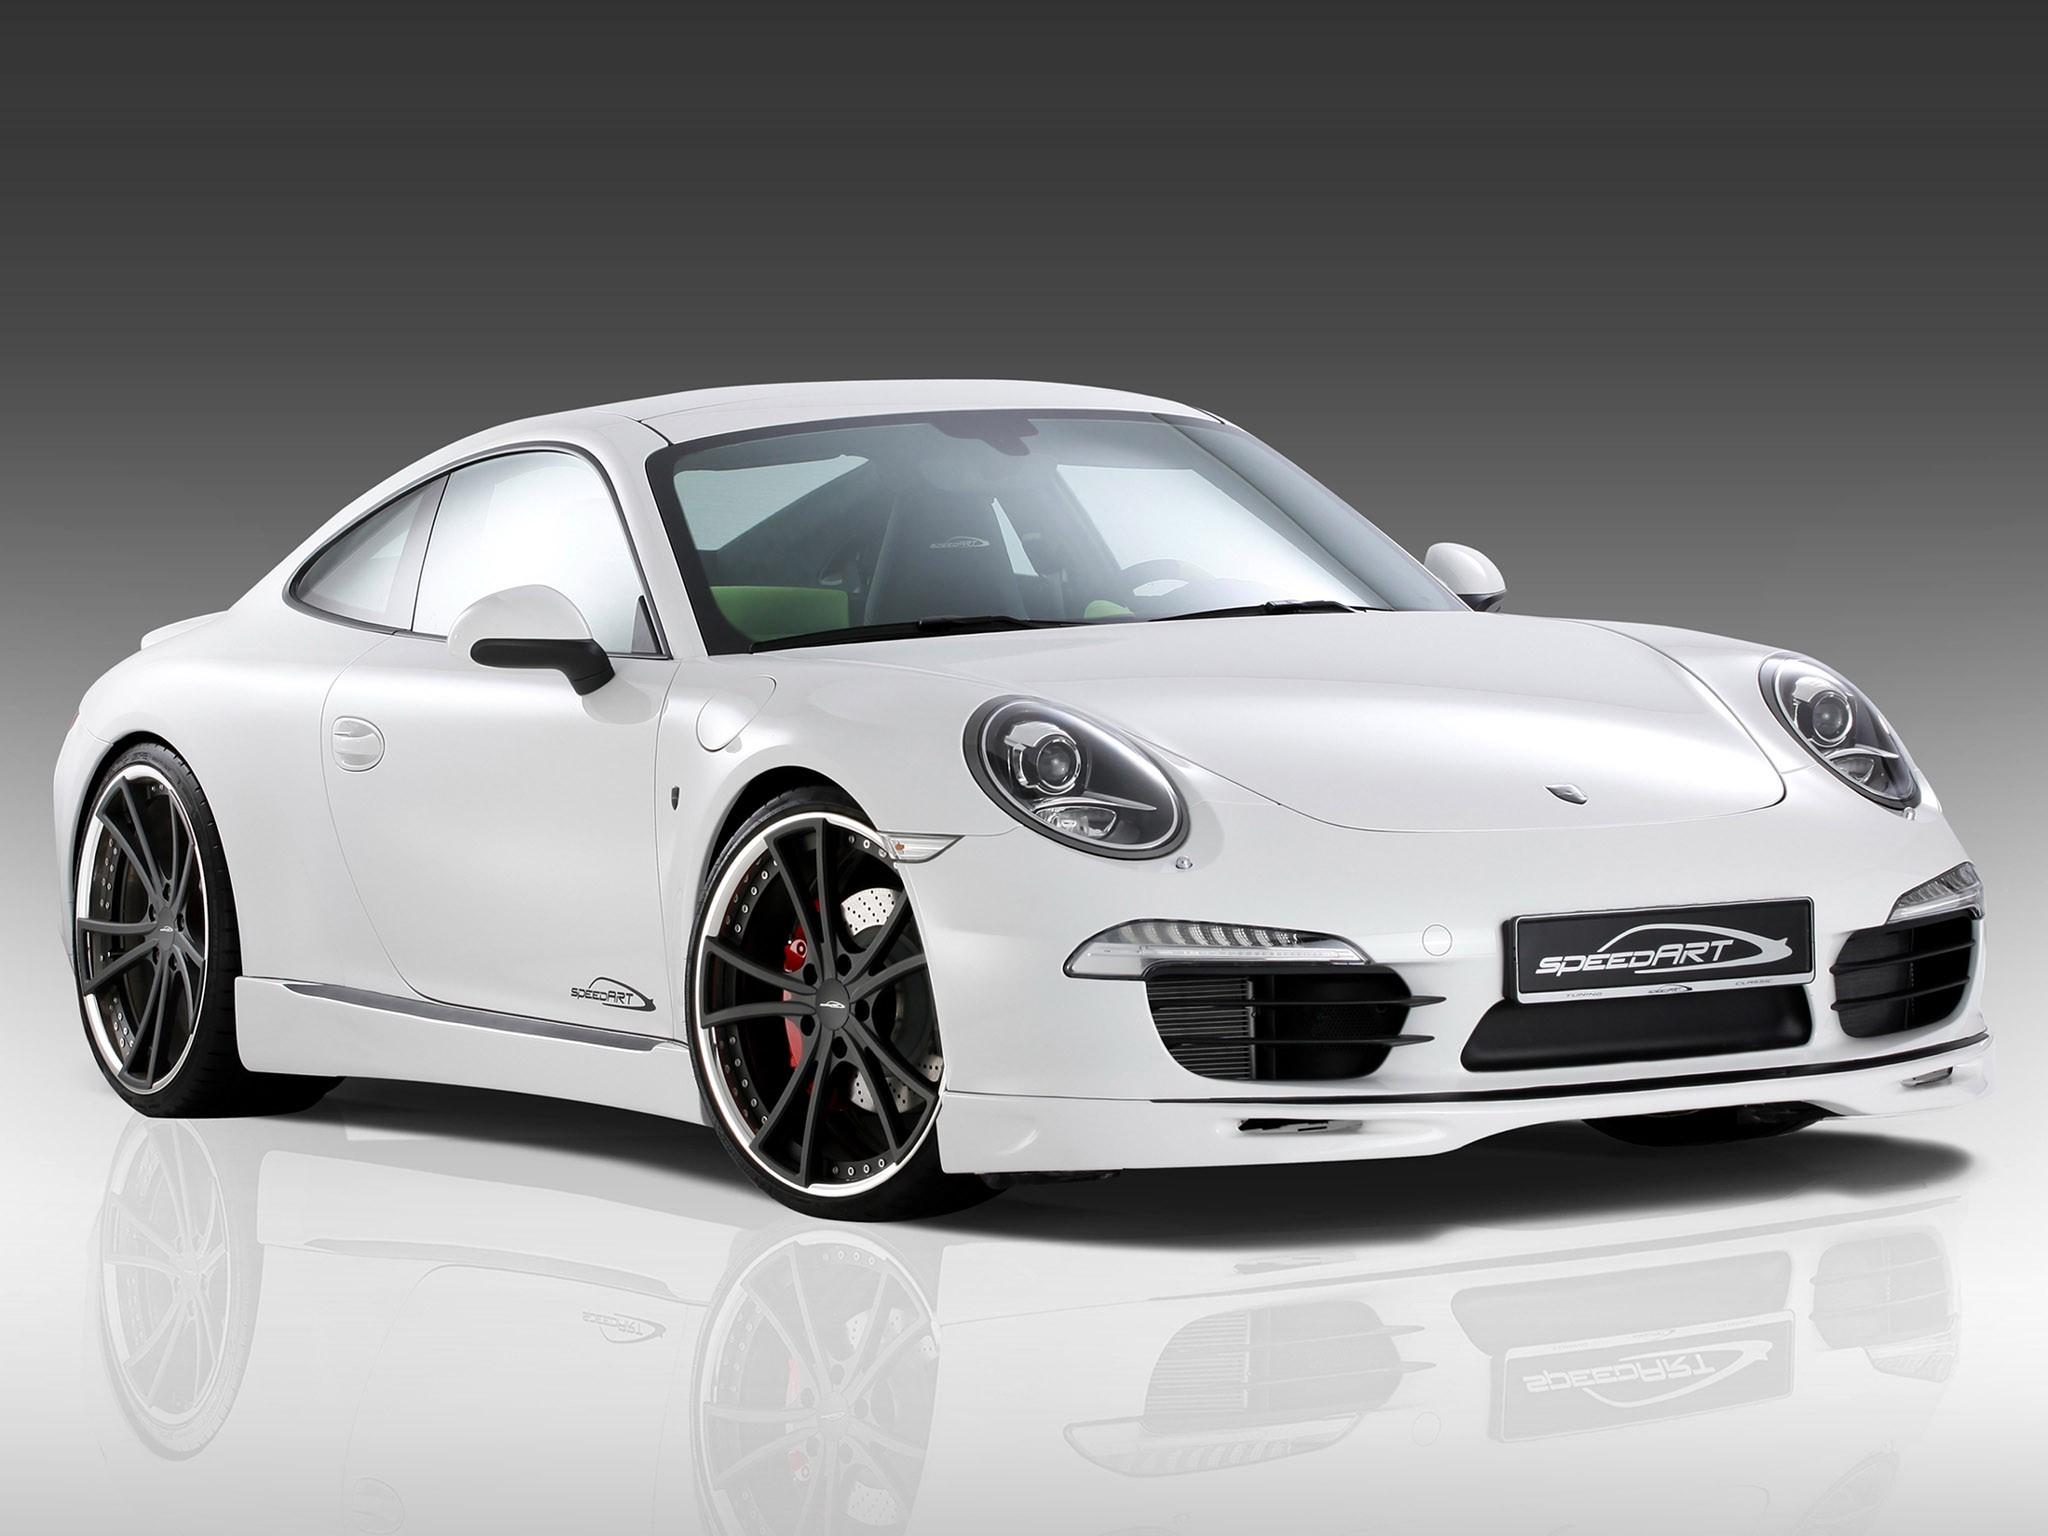 2012 Speedart Porsche 911 SP91-R